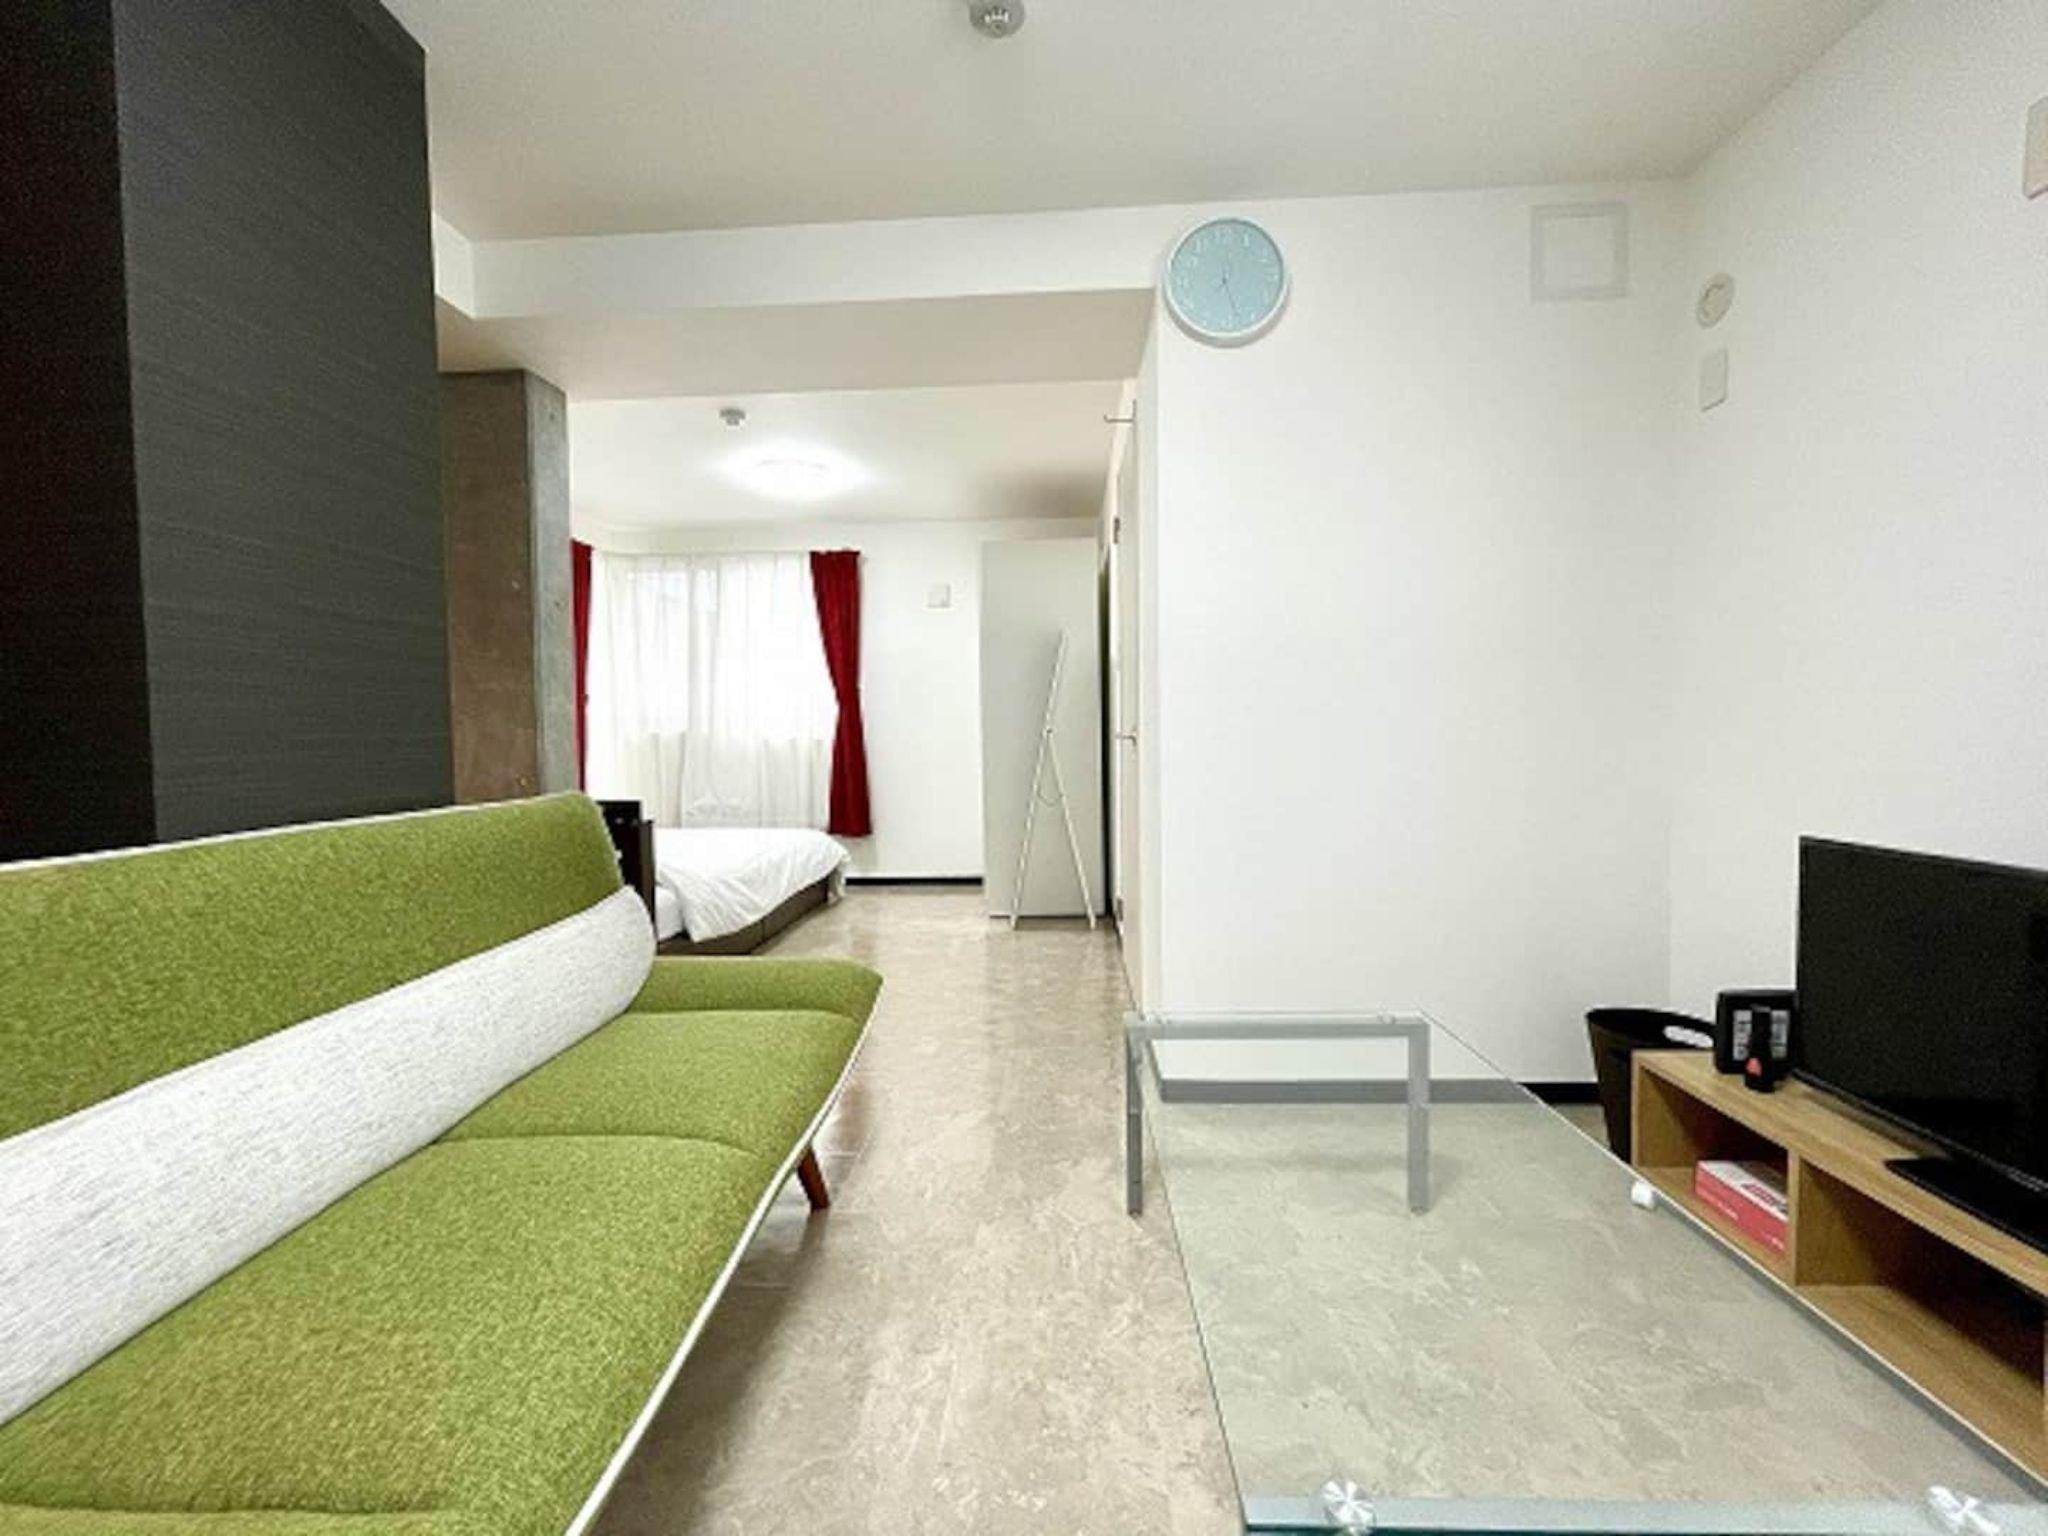 地下鉄札幌駅徒歩6分!JRさっぽろ駅徒歩7分♪立地、利便、設備充実のデザインアパートメント(402)